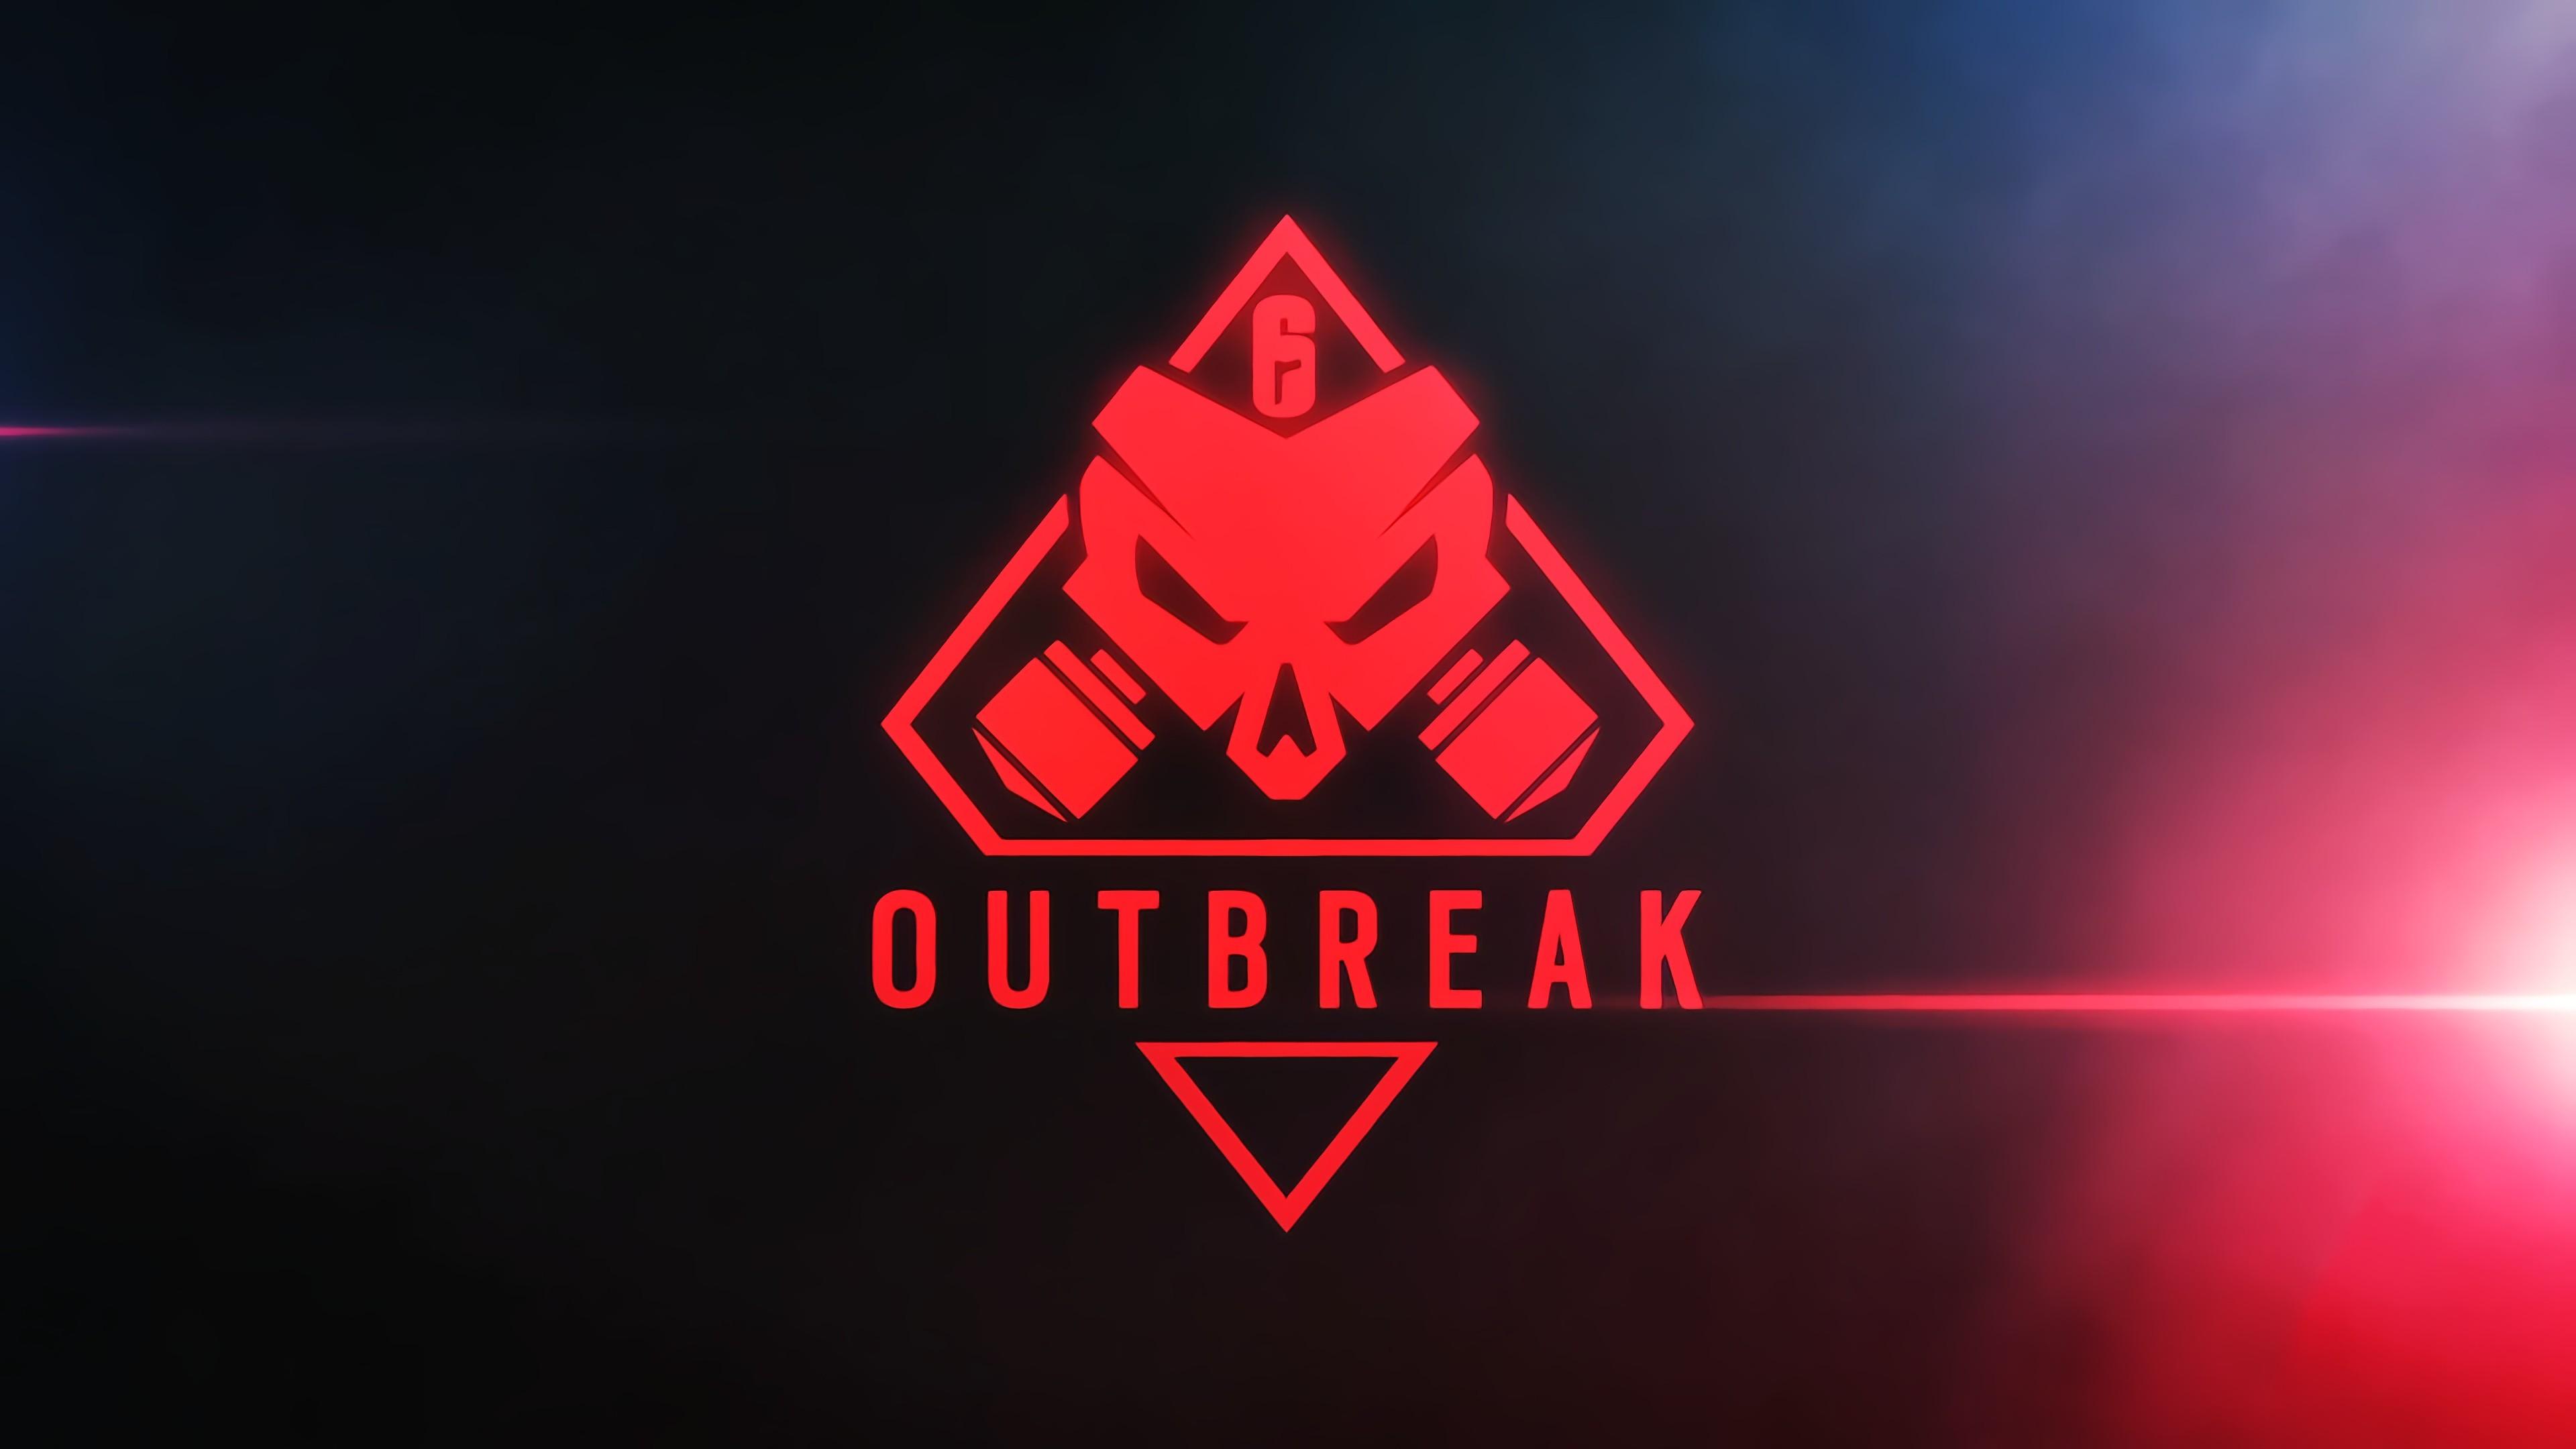 ویدیو رویداد Outbreak بازی Rainbow Six Siege منتشر شد